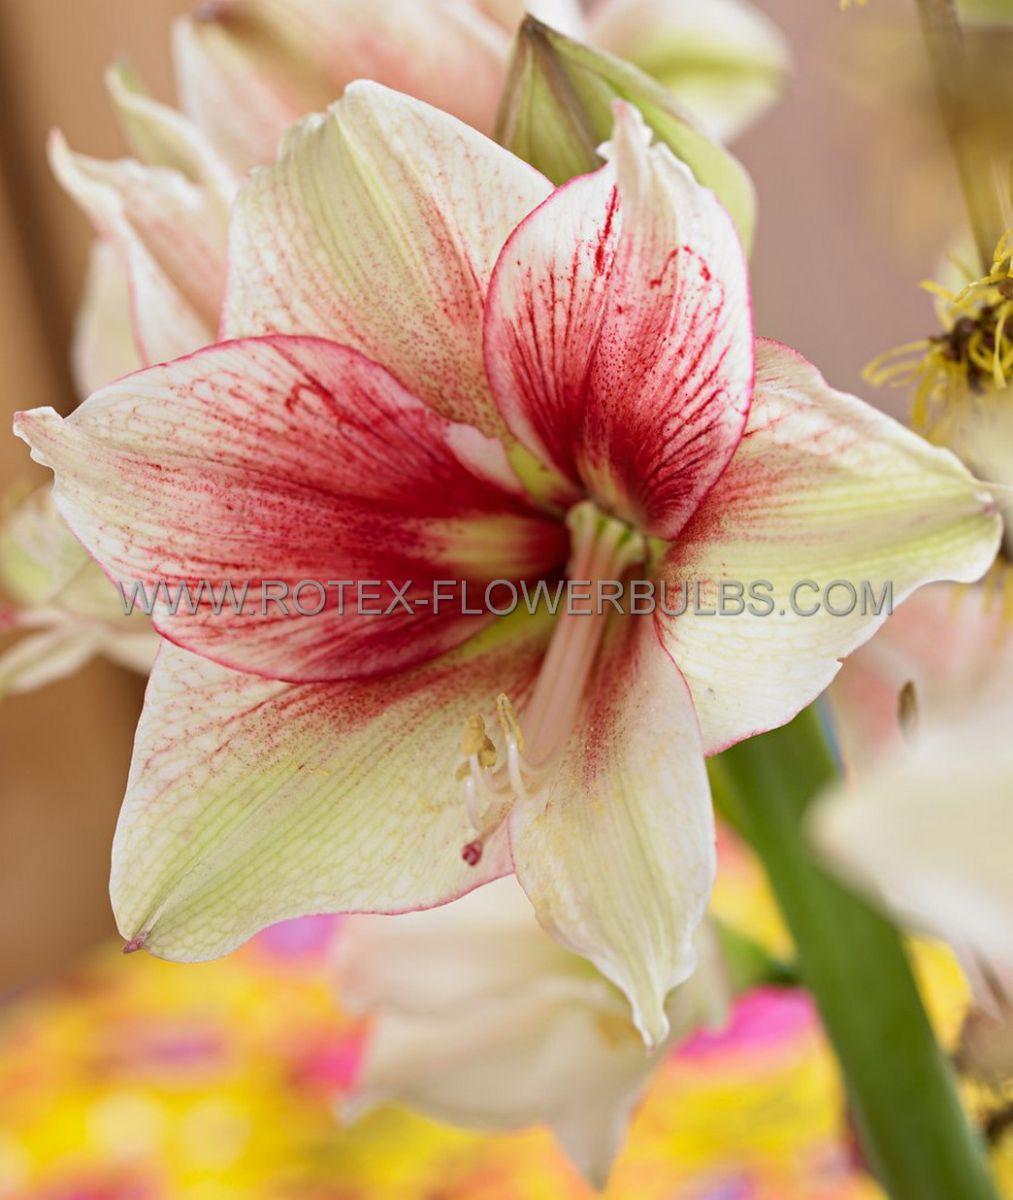 hippeastrum amaryllis unique large flowering tosca 3436 cm 30 pcarton